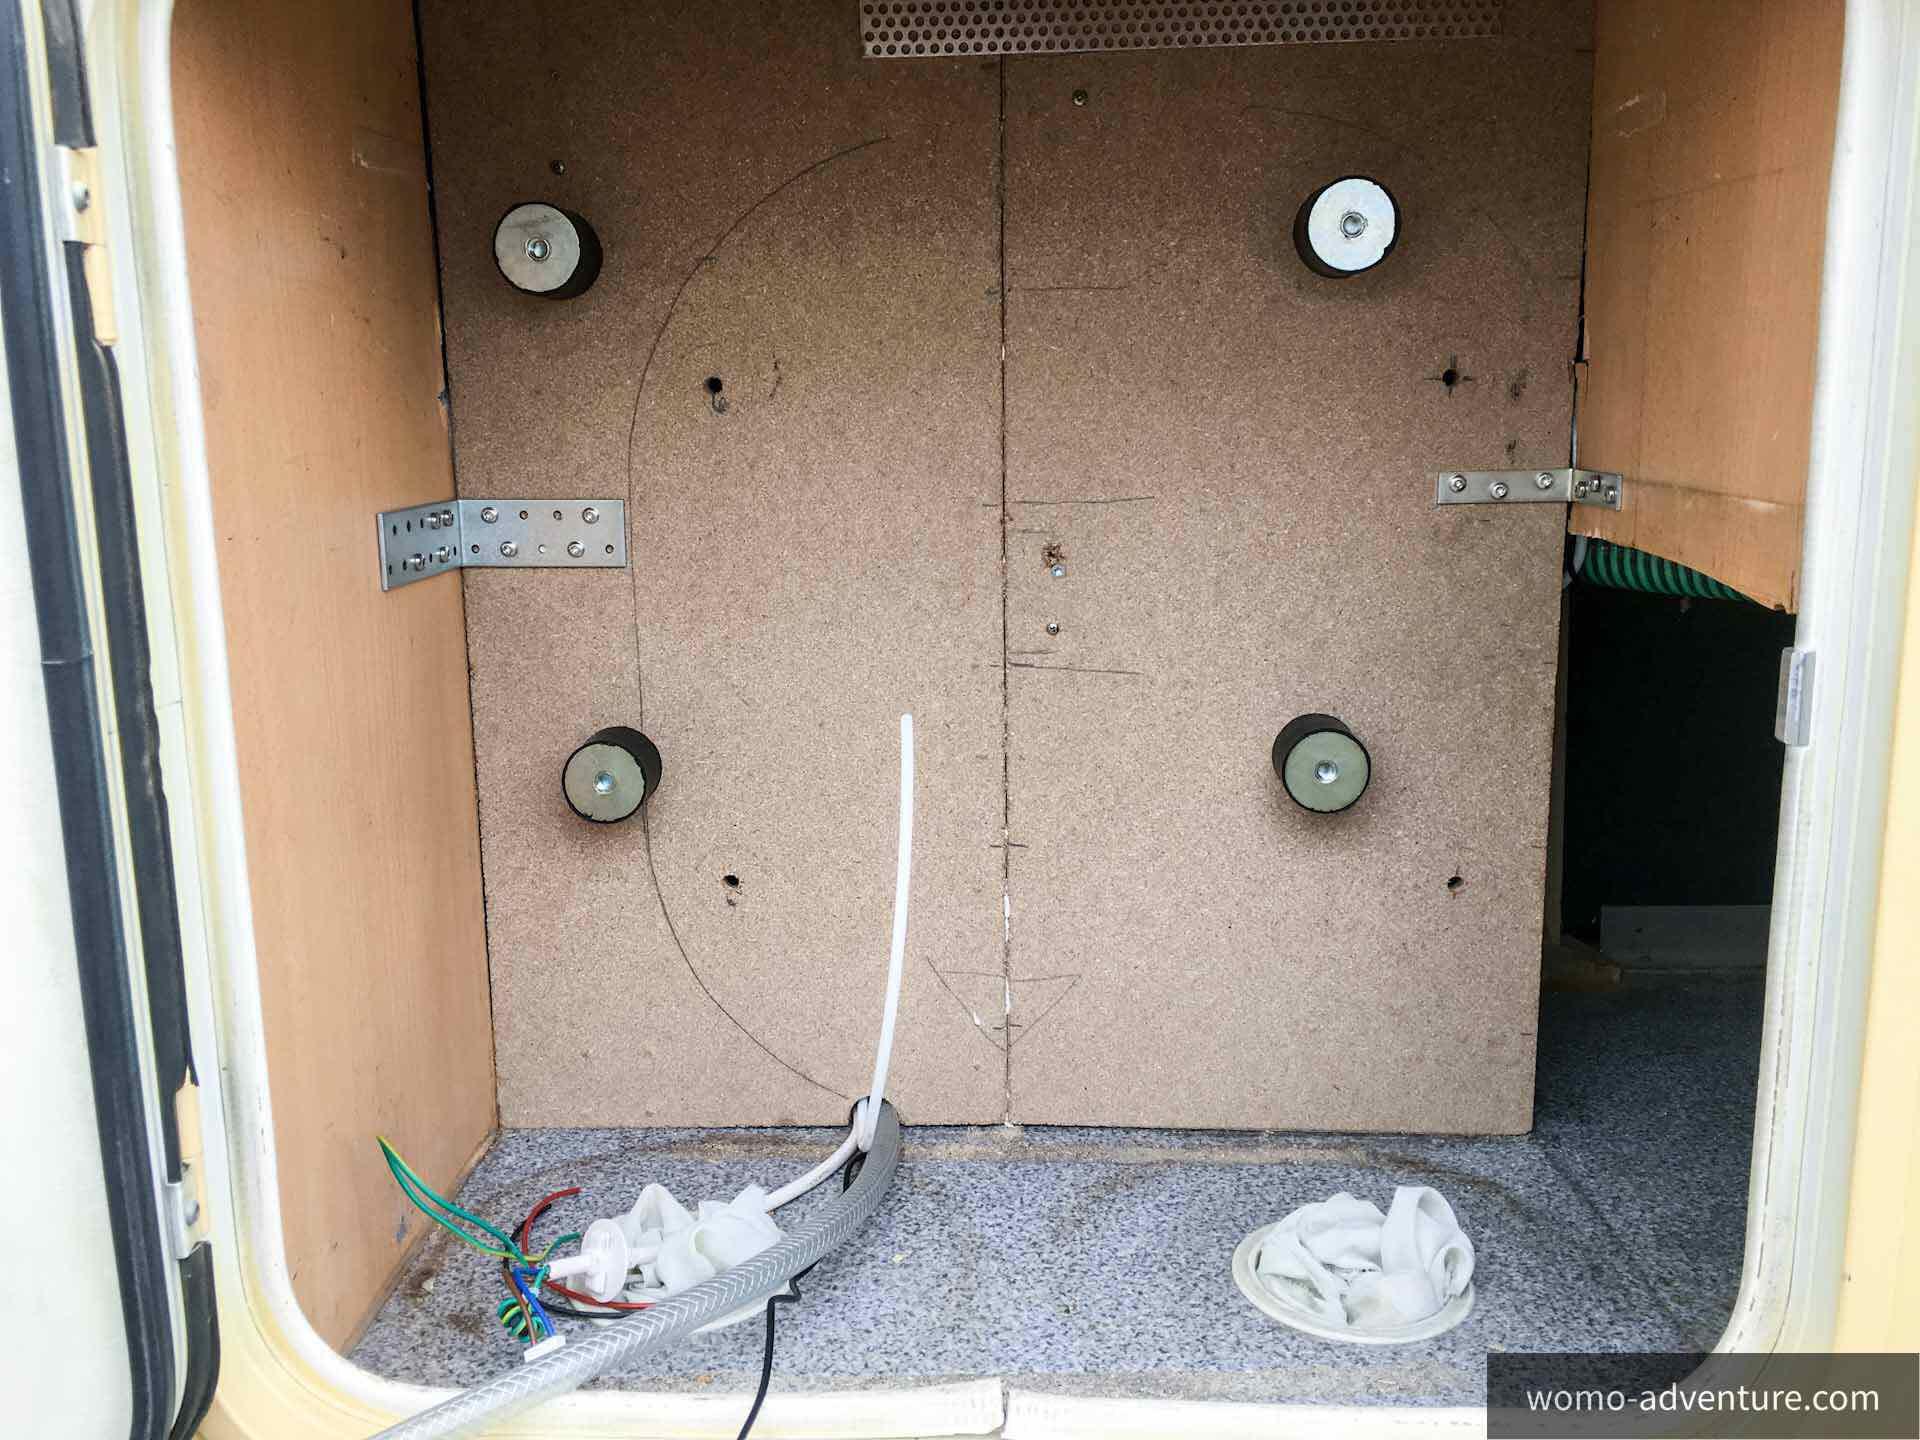 projekt waschmaschine ins gasfach einbauen womo adventure. Black Bedroom Furniture Sets. Home Design Ideas